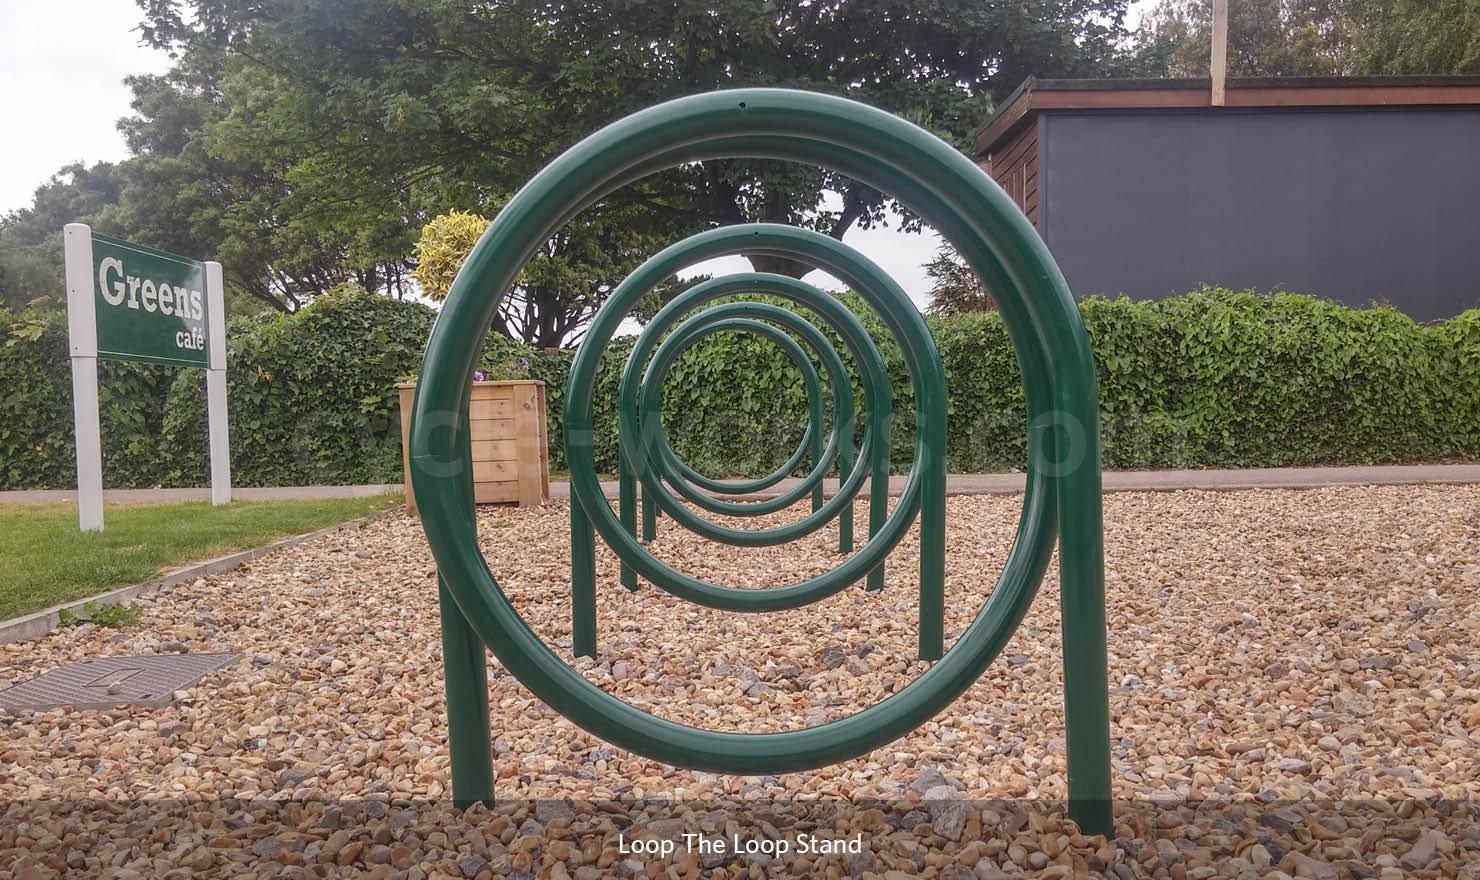 Loop the Loop Bicycle Rack